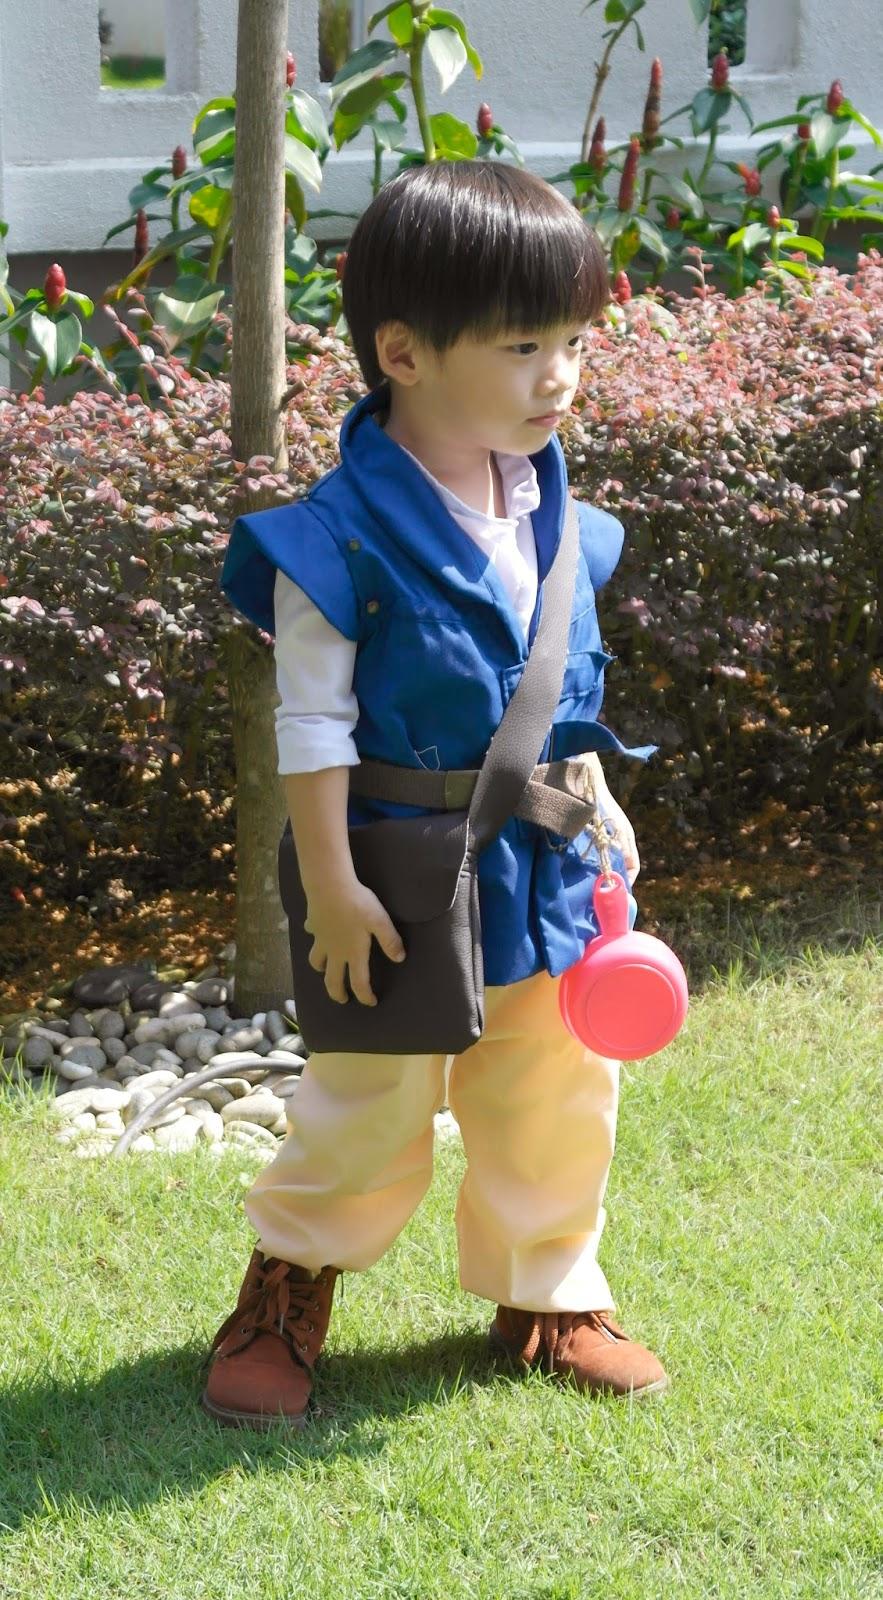 Diy Flynn Rider Costume